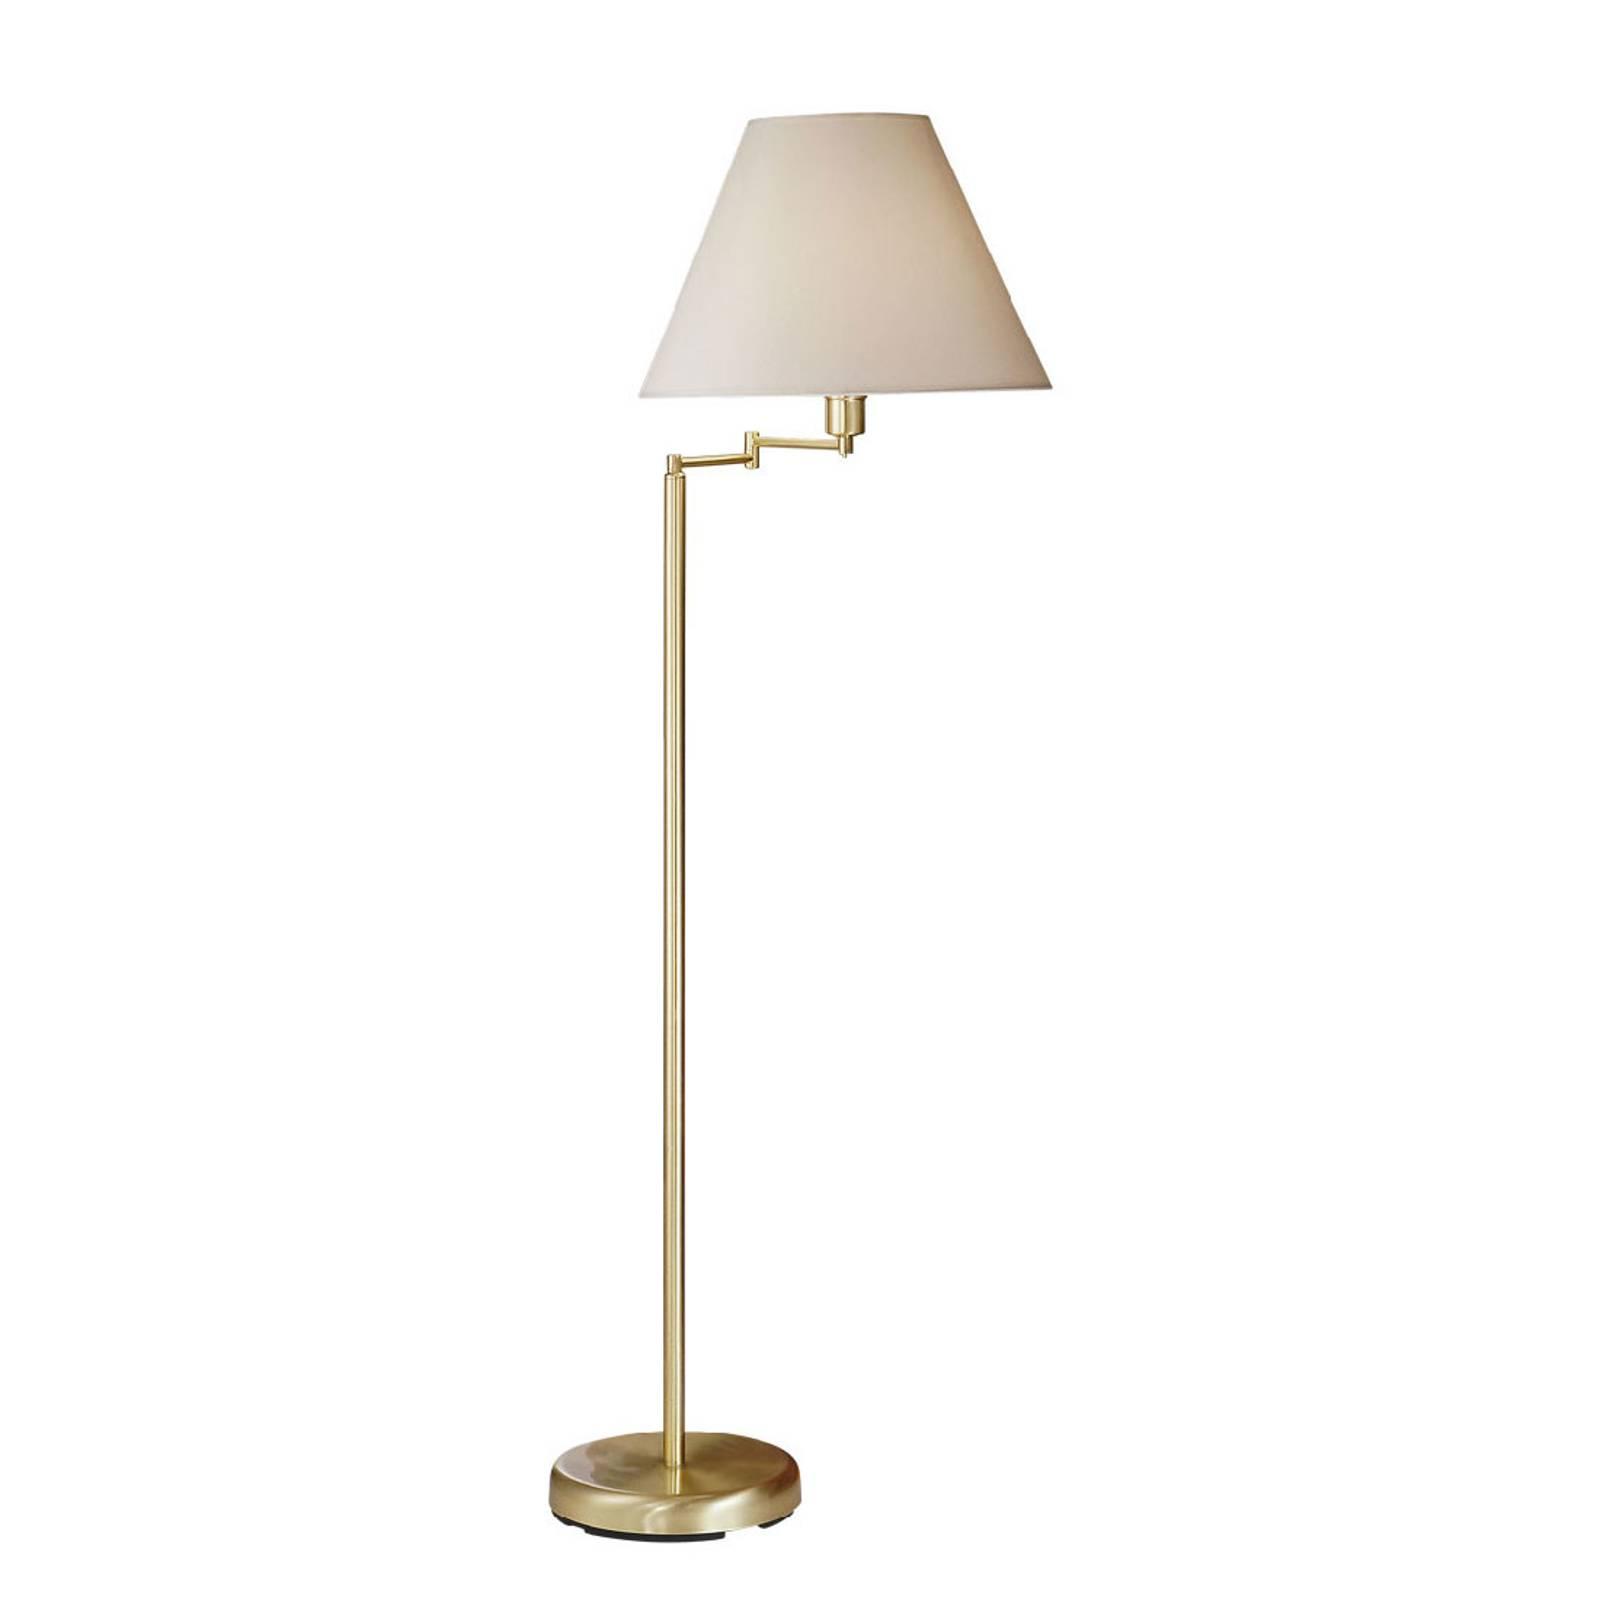 Vloerlamp Hilton, witte stoffen kap, messing